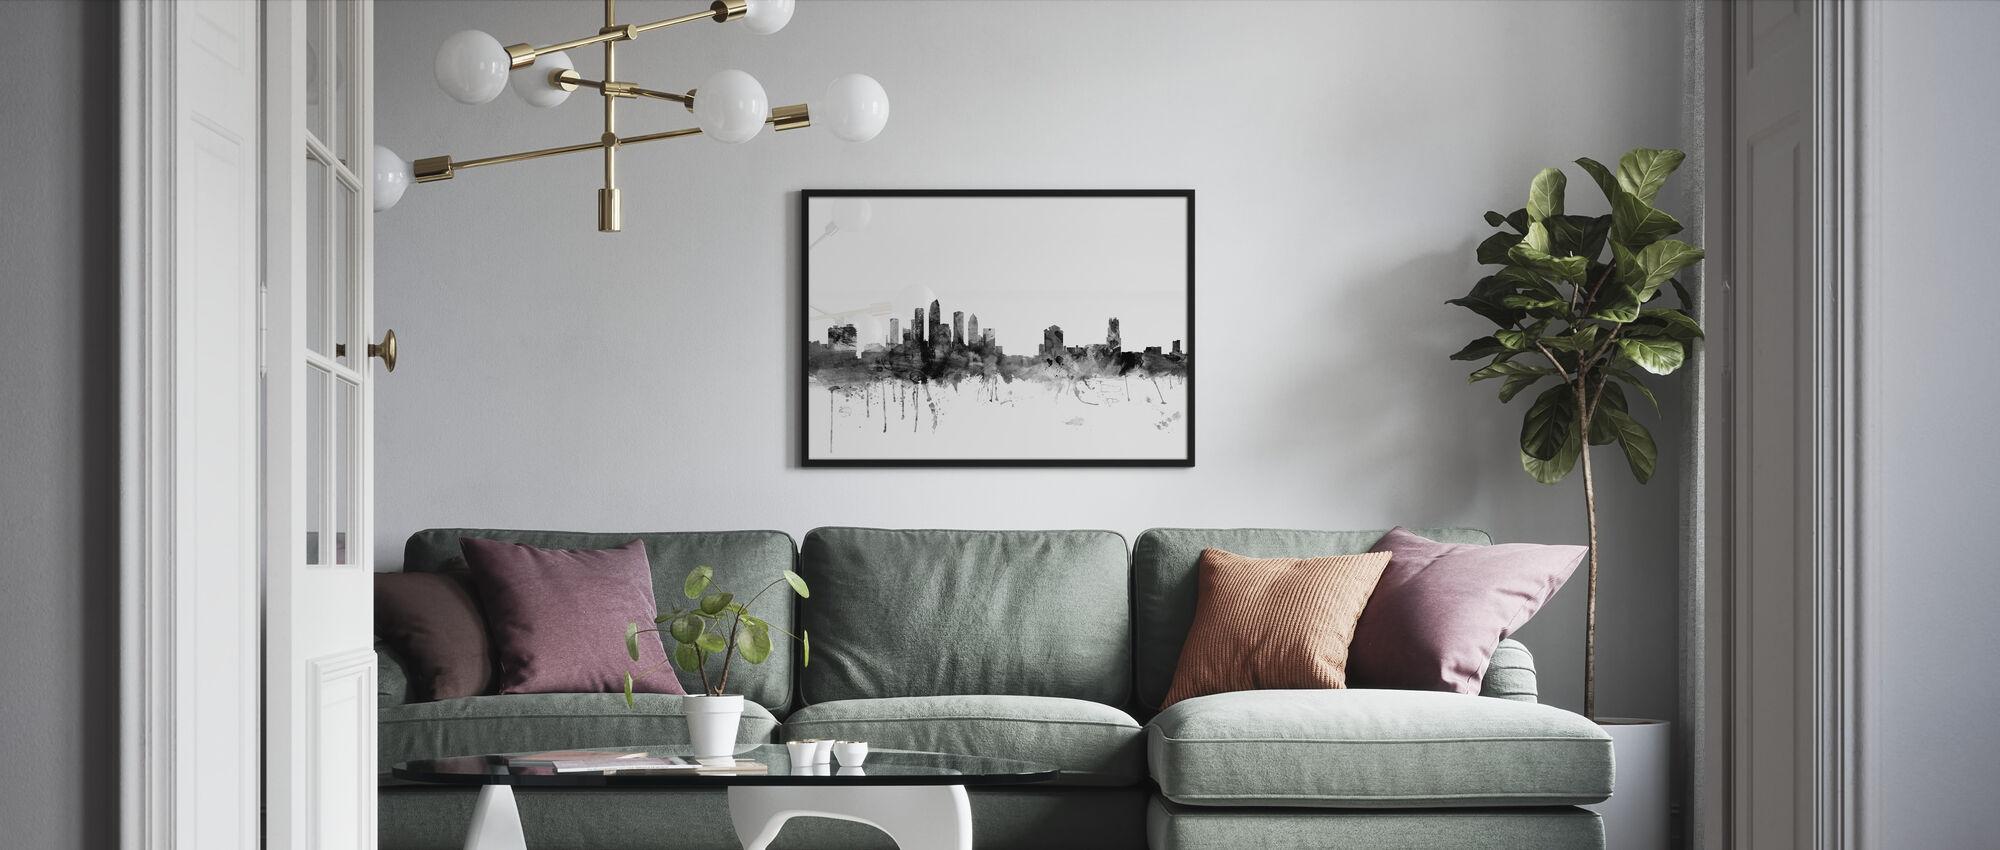 Tampa Florida Skyline Black - Framed print - Living Room